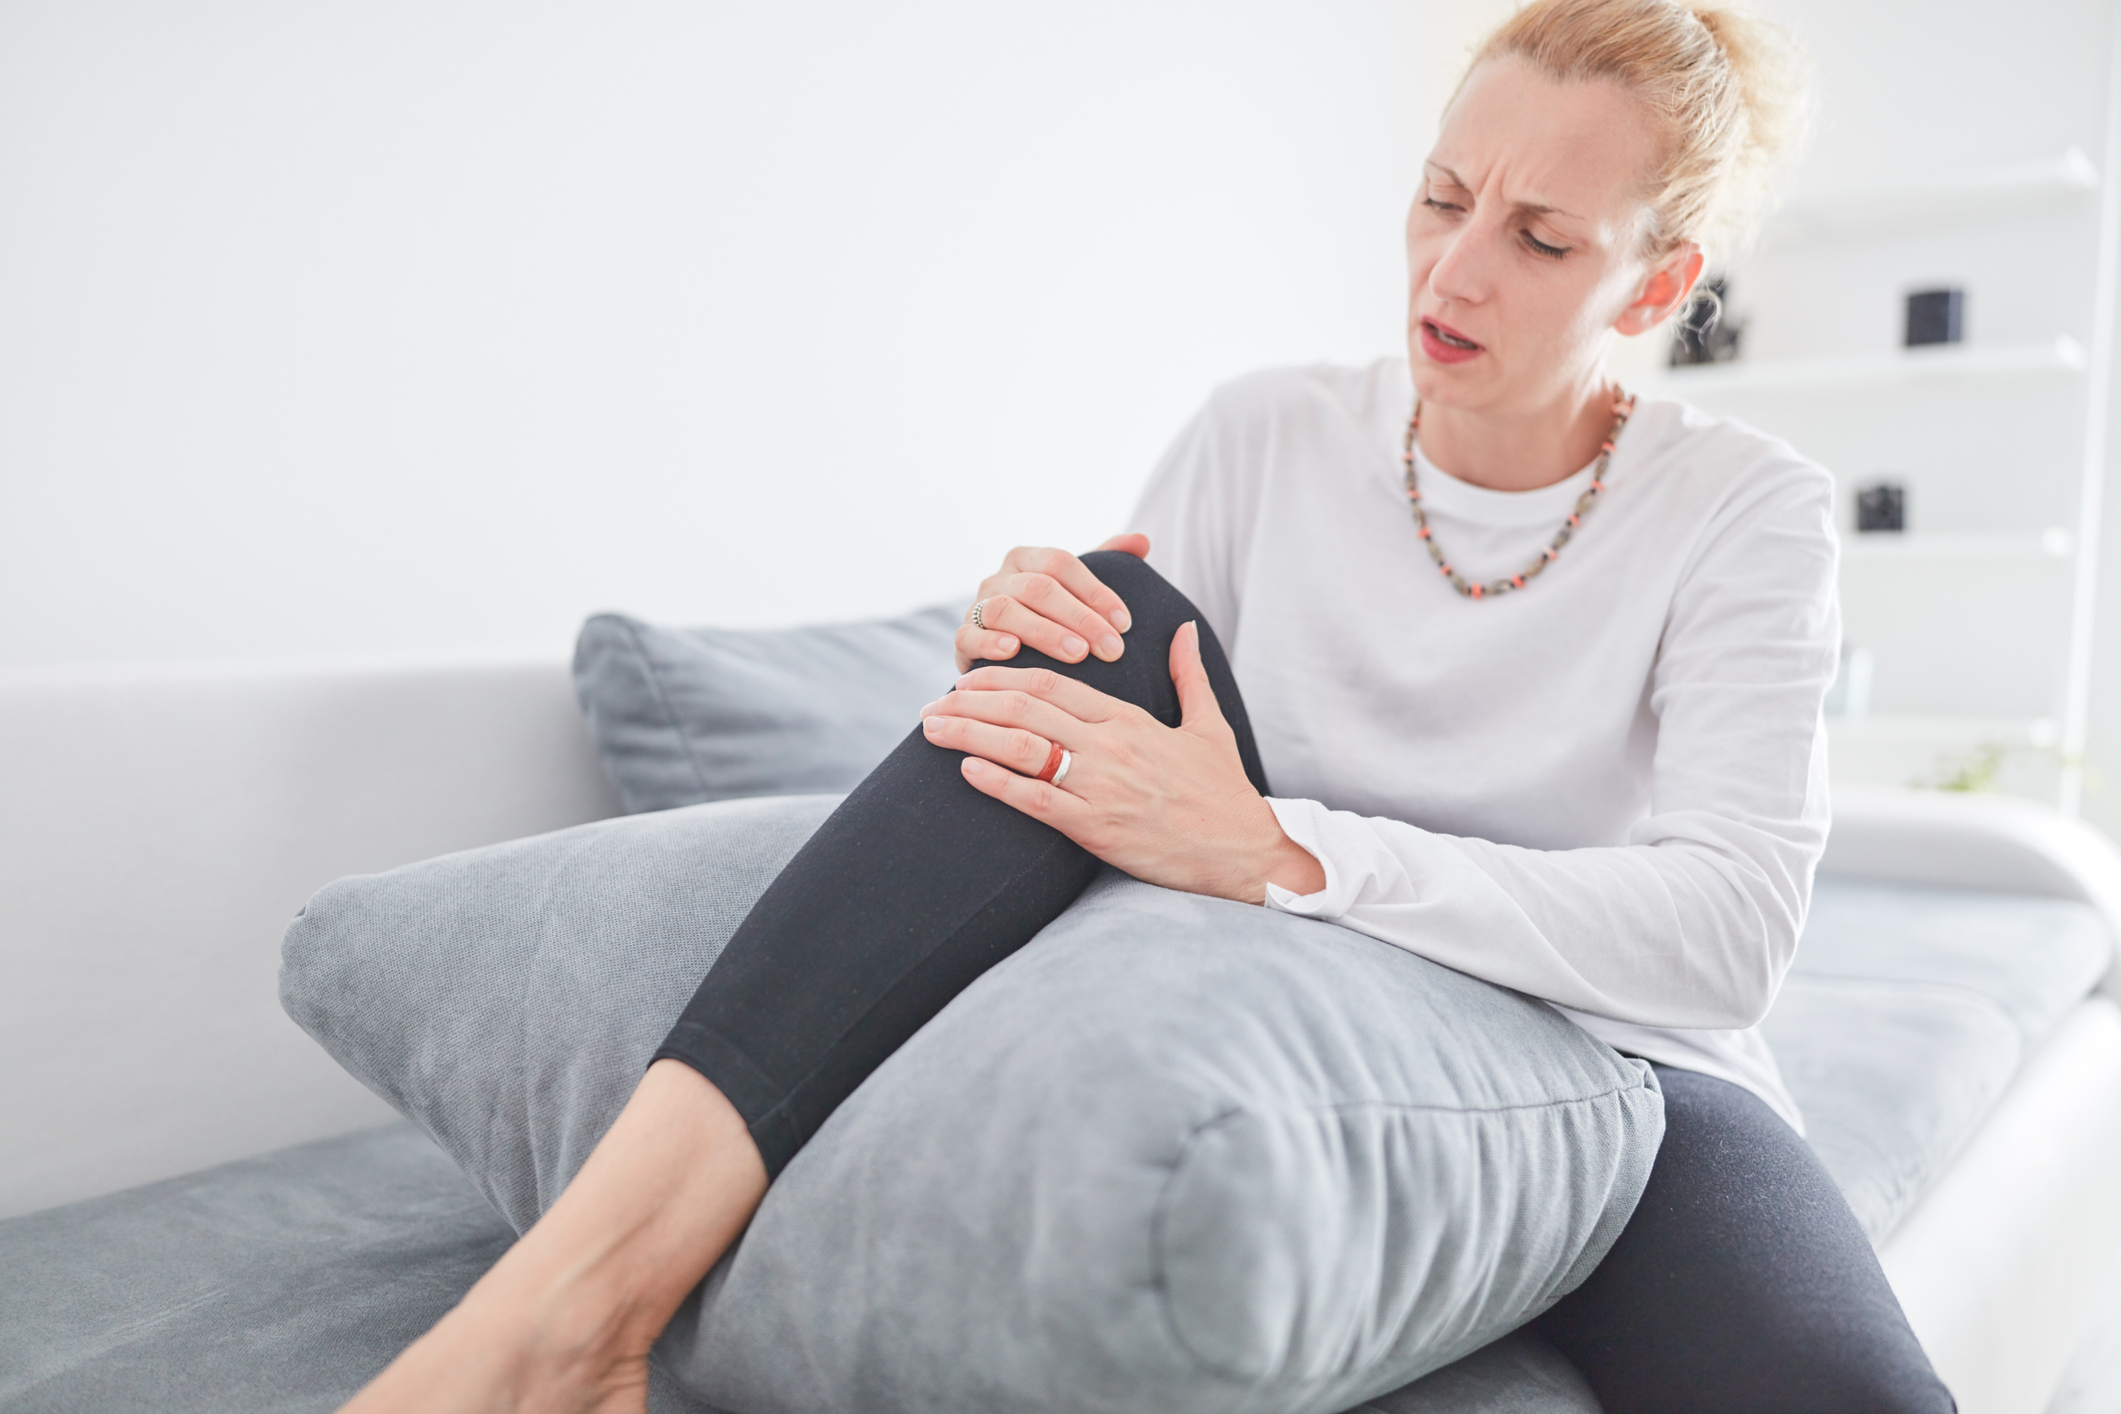 magas vérnyomás amelyet jobb bevenni miben különböznek a hipertónia szakaszai a foktól